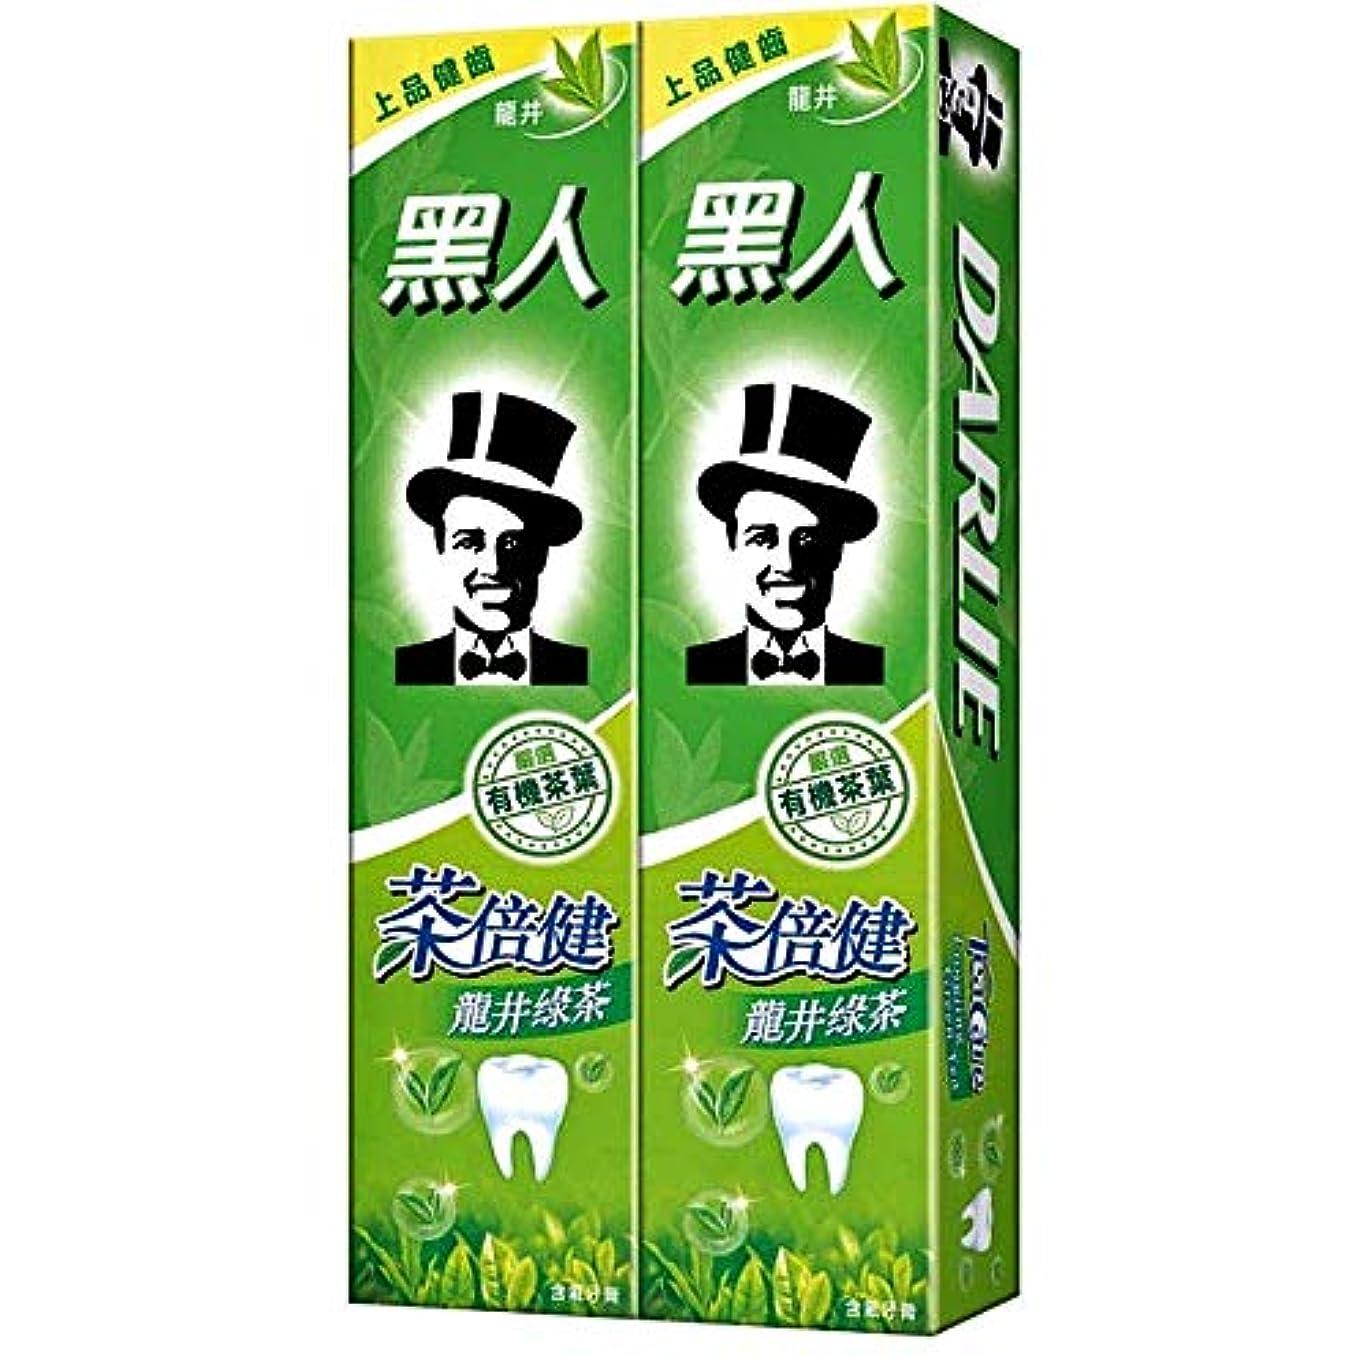 ビリー必要としている死の顎黑人 茶倍健 龍井緑茶 緑茶成分歯磨き粉配合160g×2 [並行輸入品]